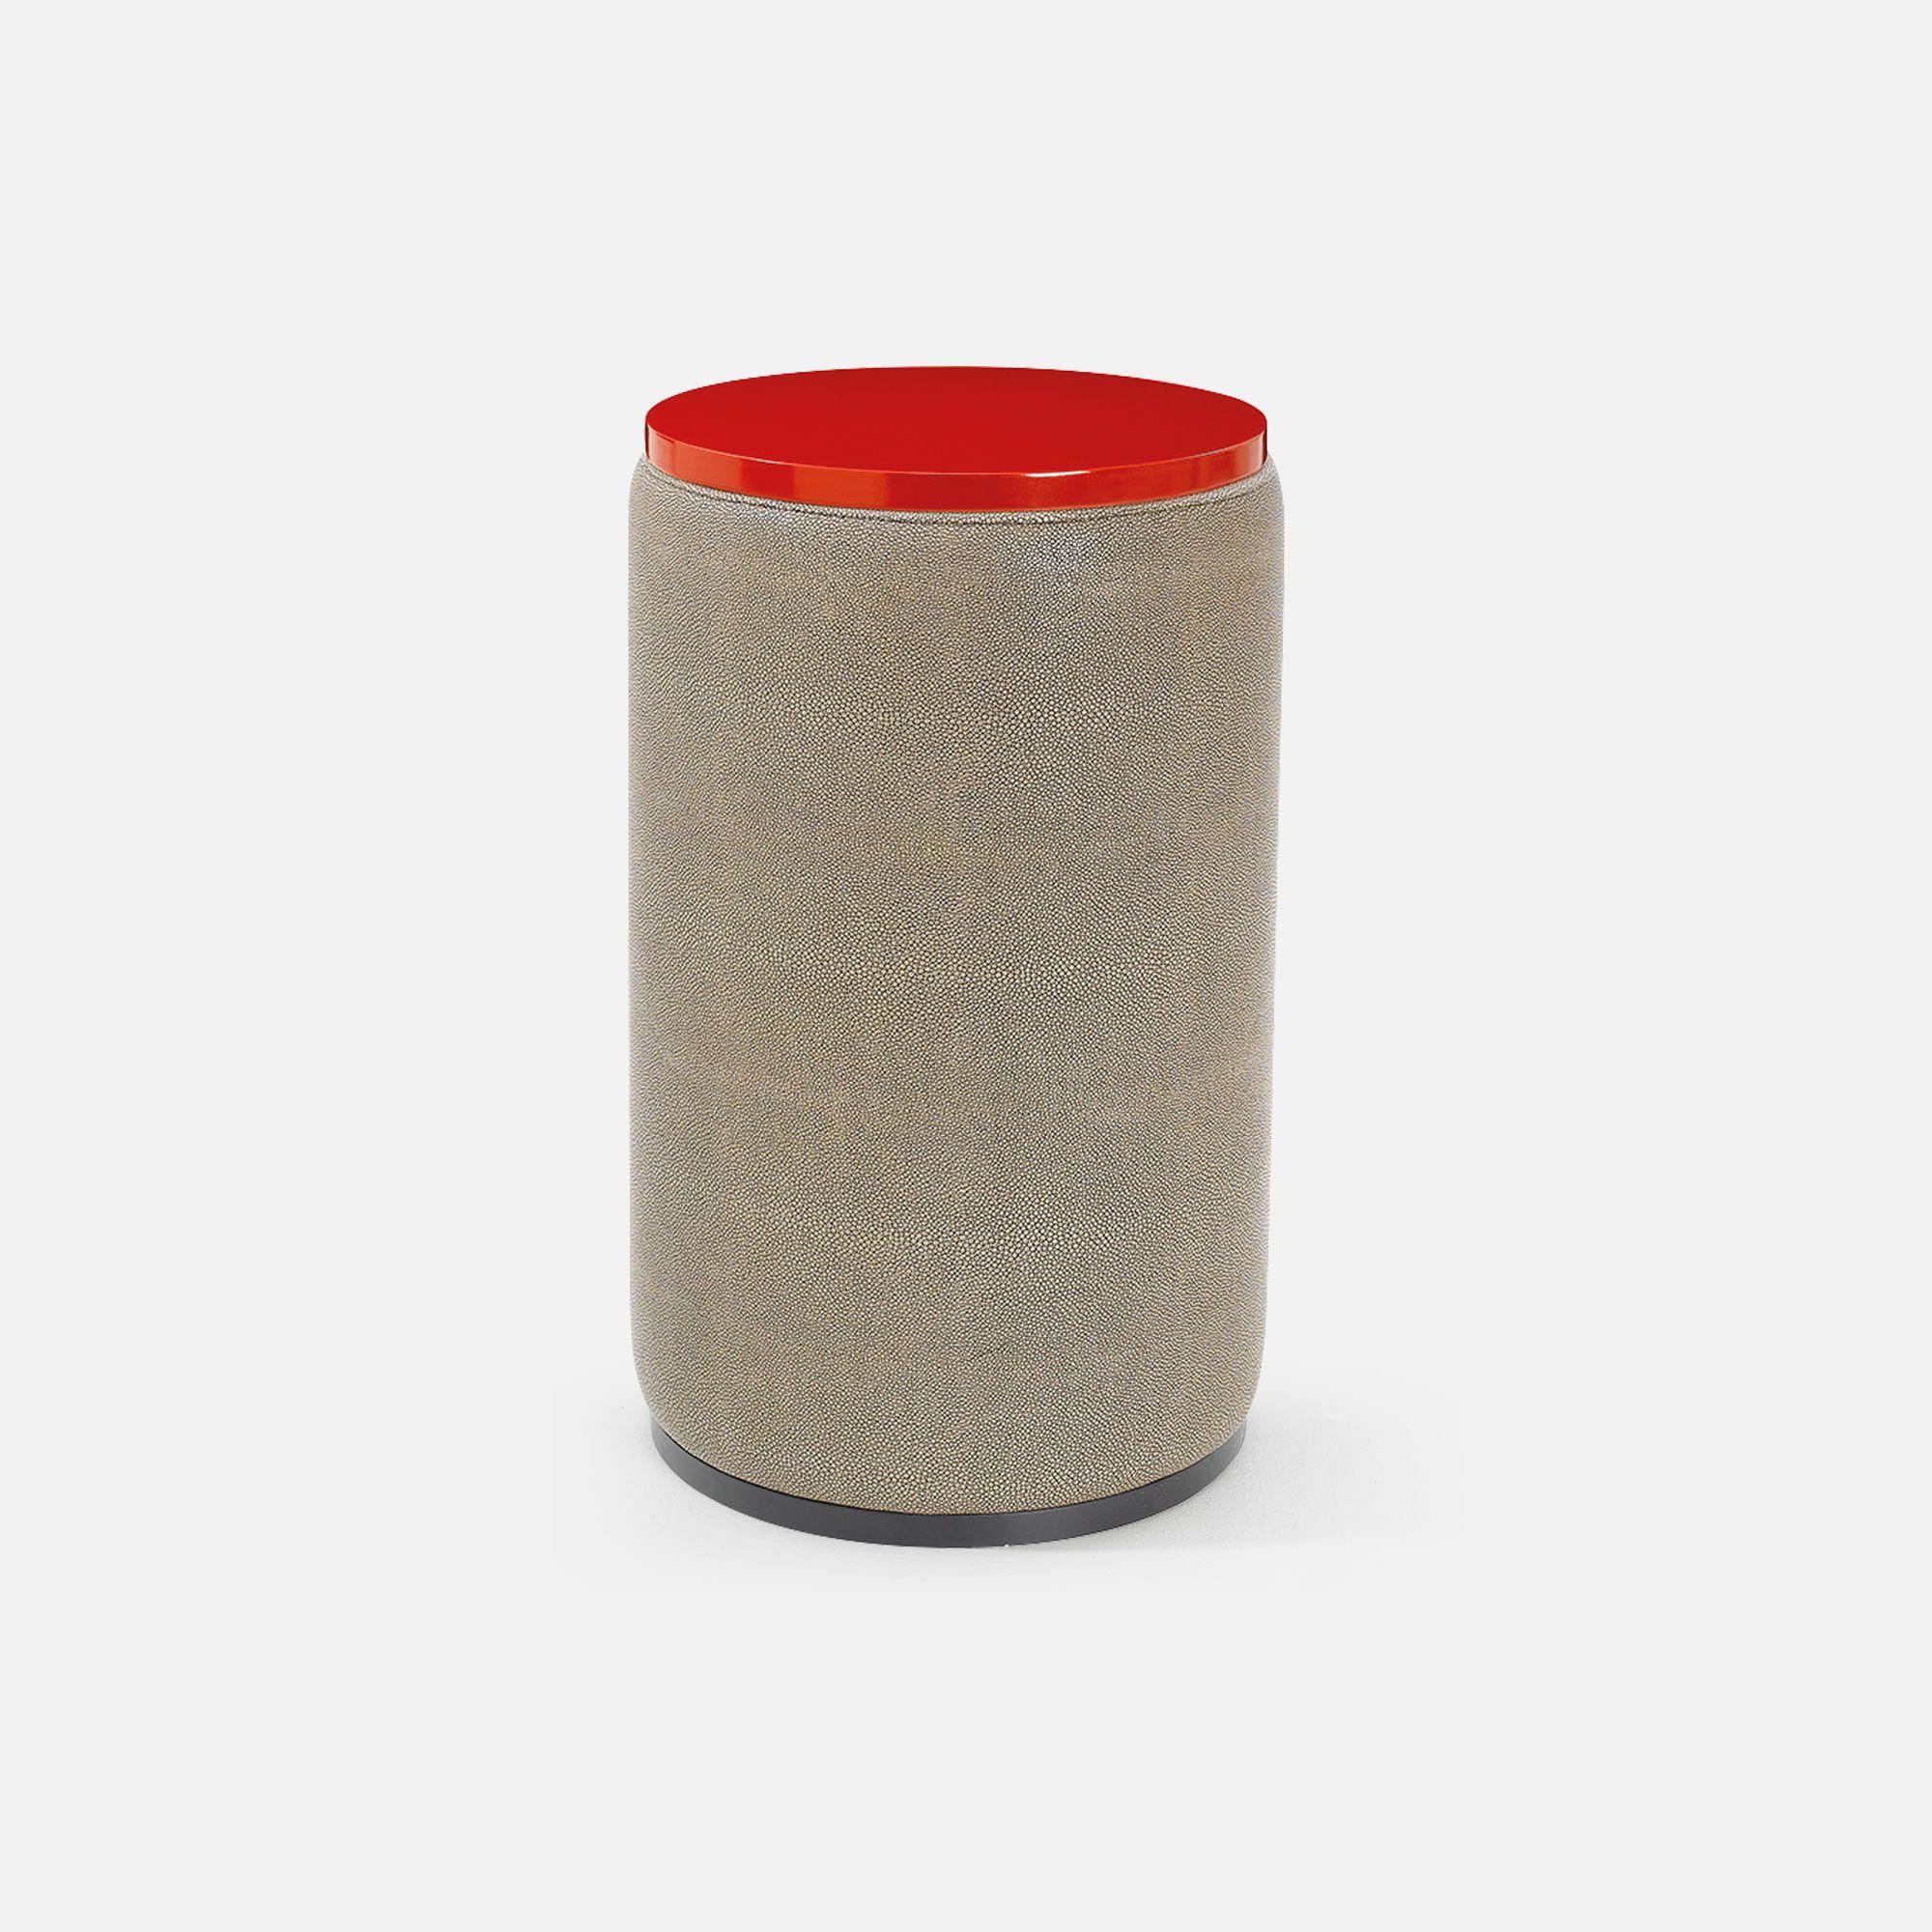 pour basse Table Cylindre CHRCollinet colorée CrQxBeWod